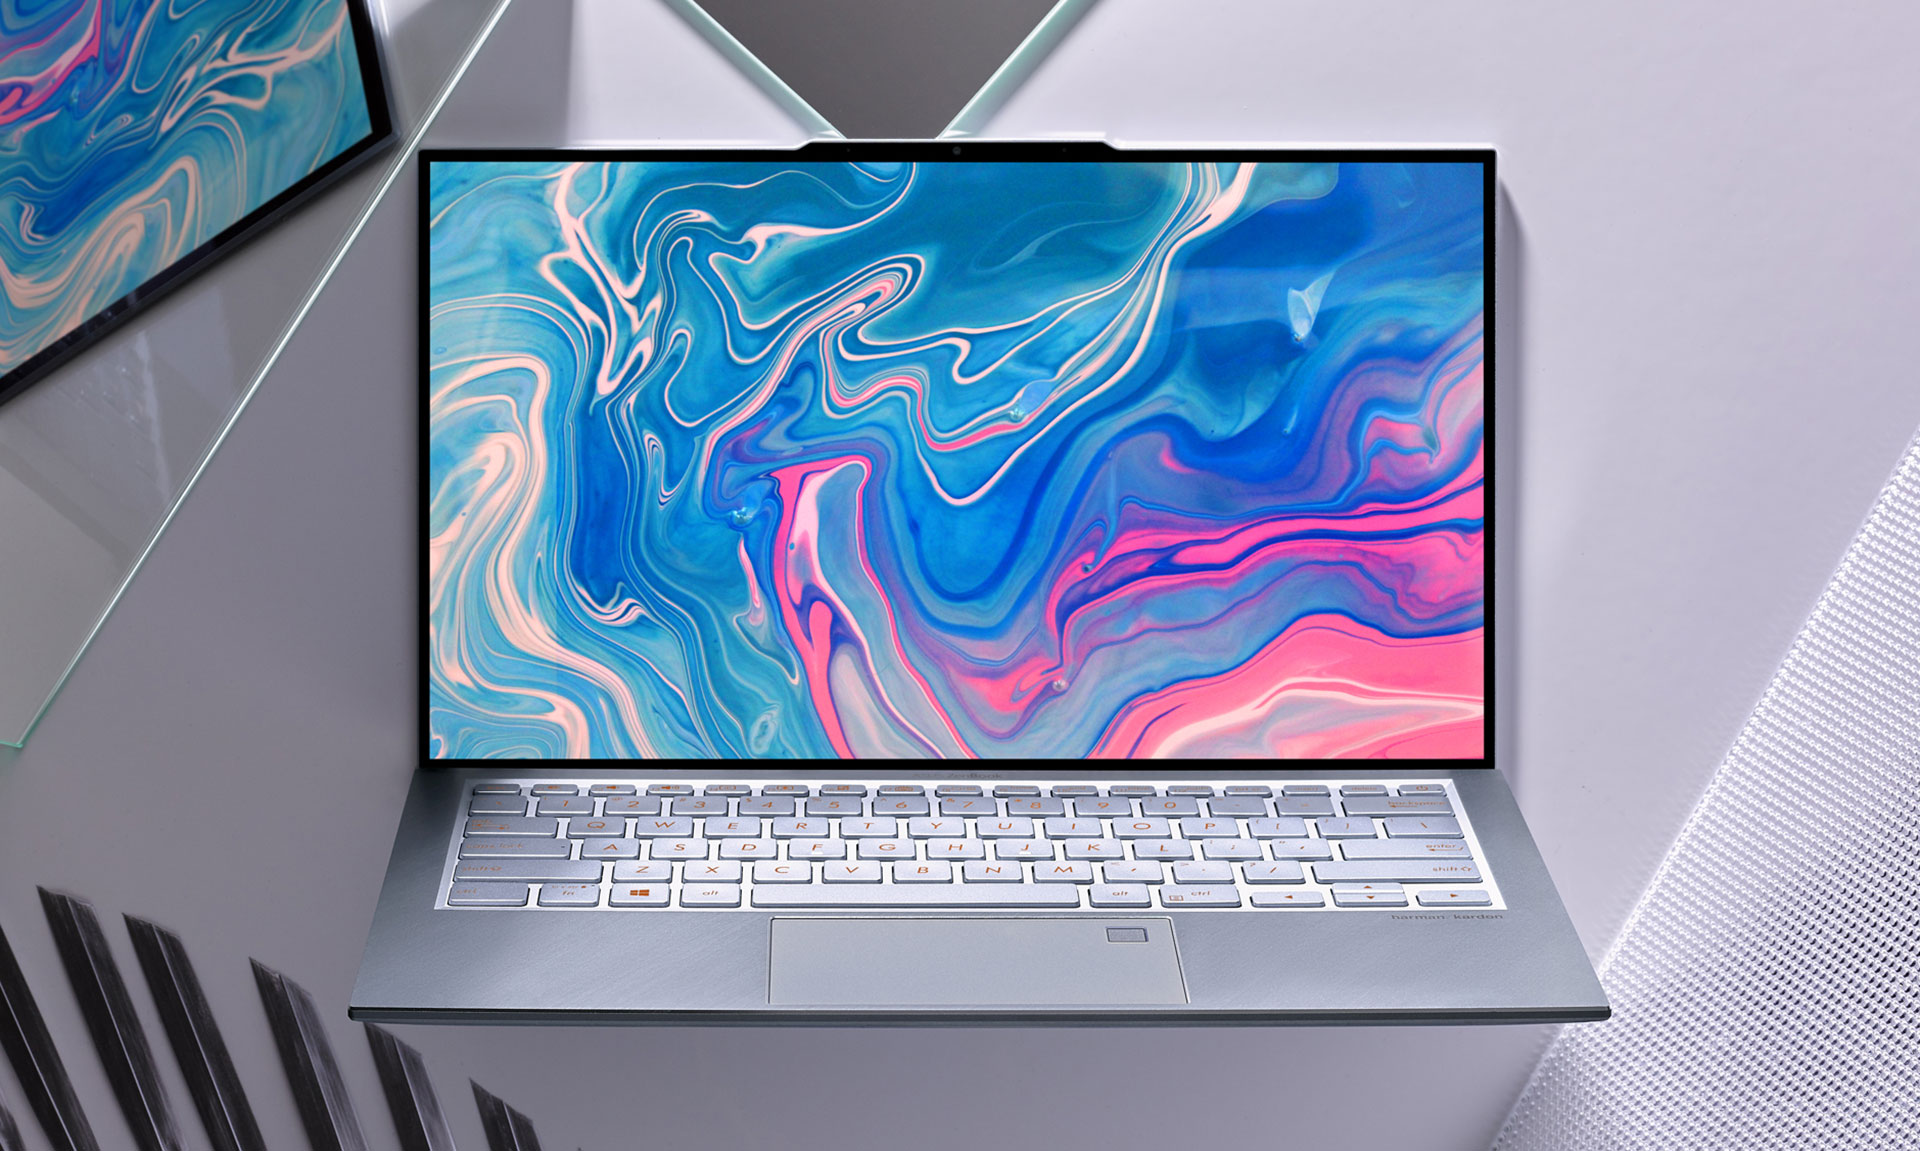 2019 Asus ZenBooks: ZenBook S UX392 and ZenBook 14 UX431